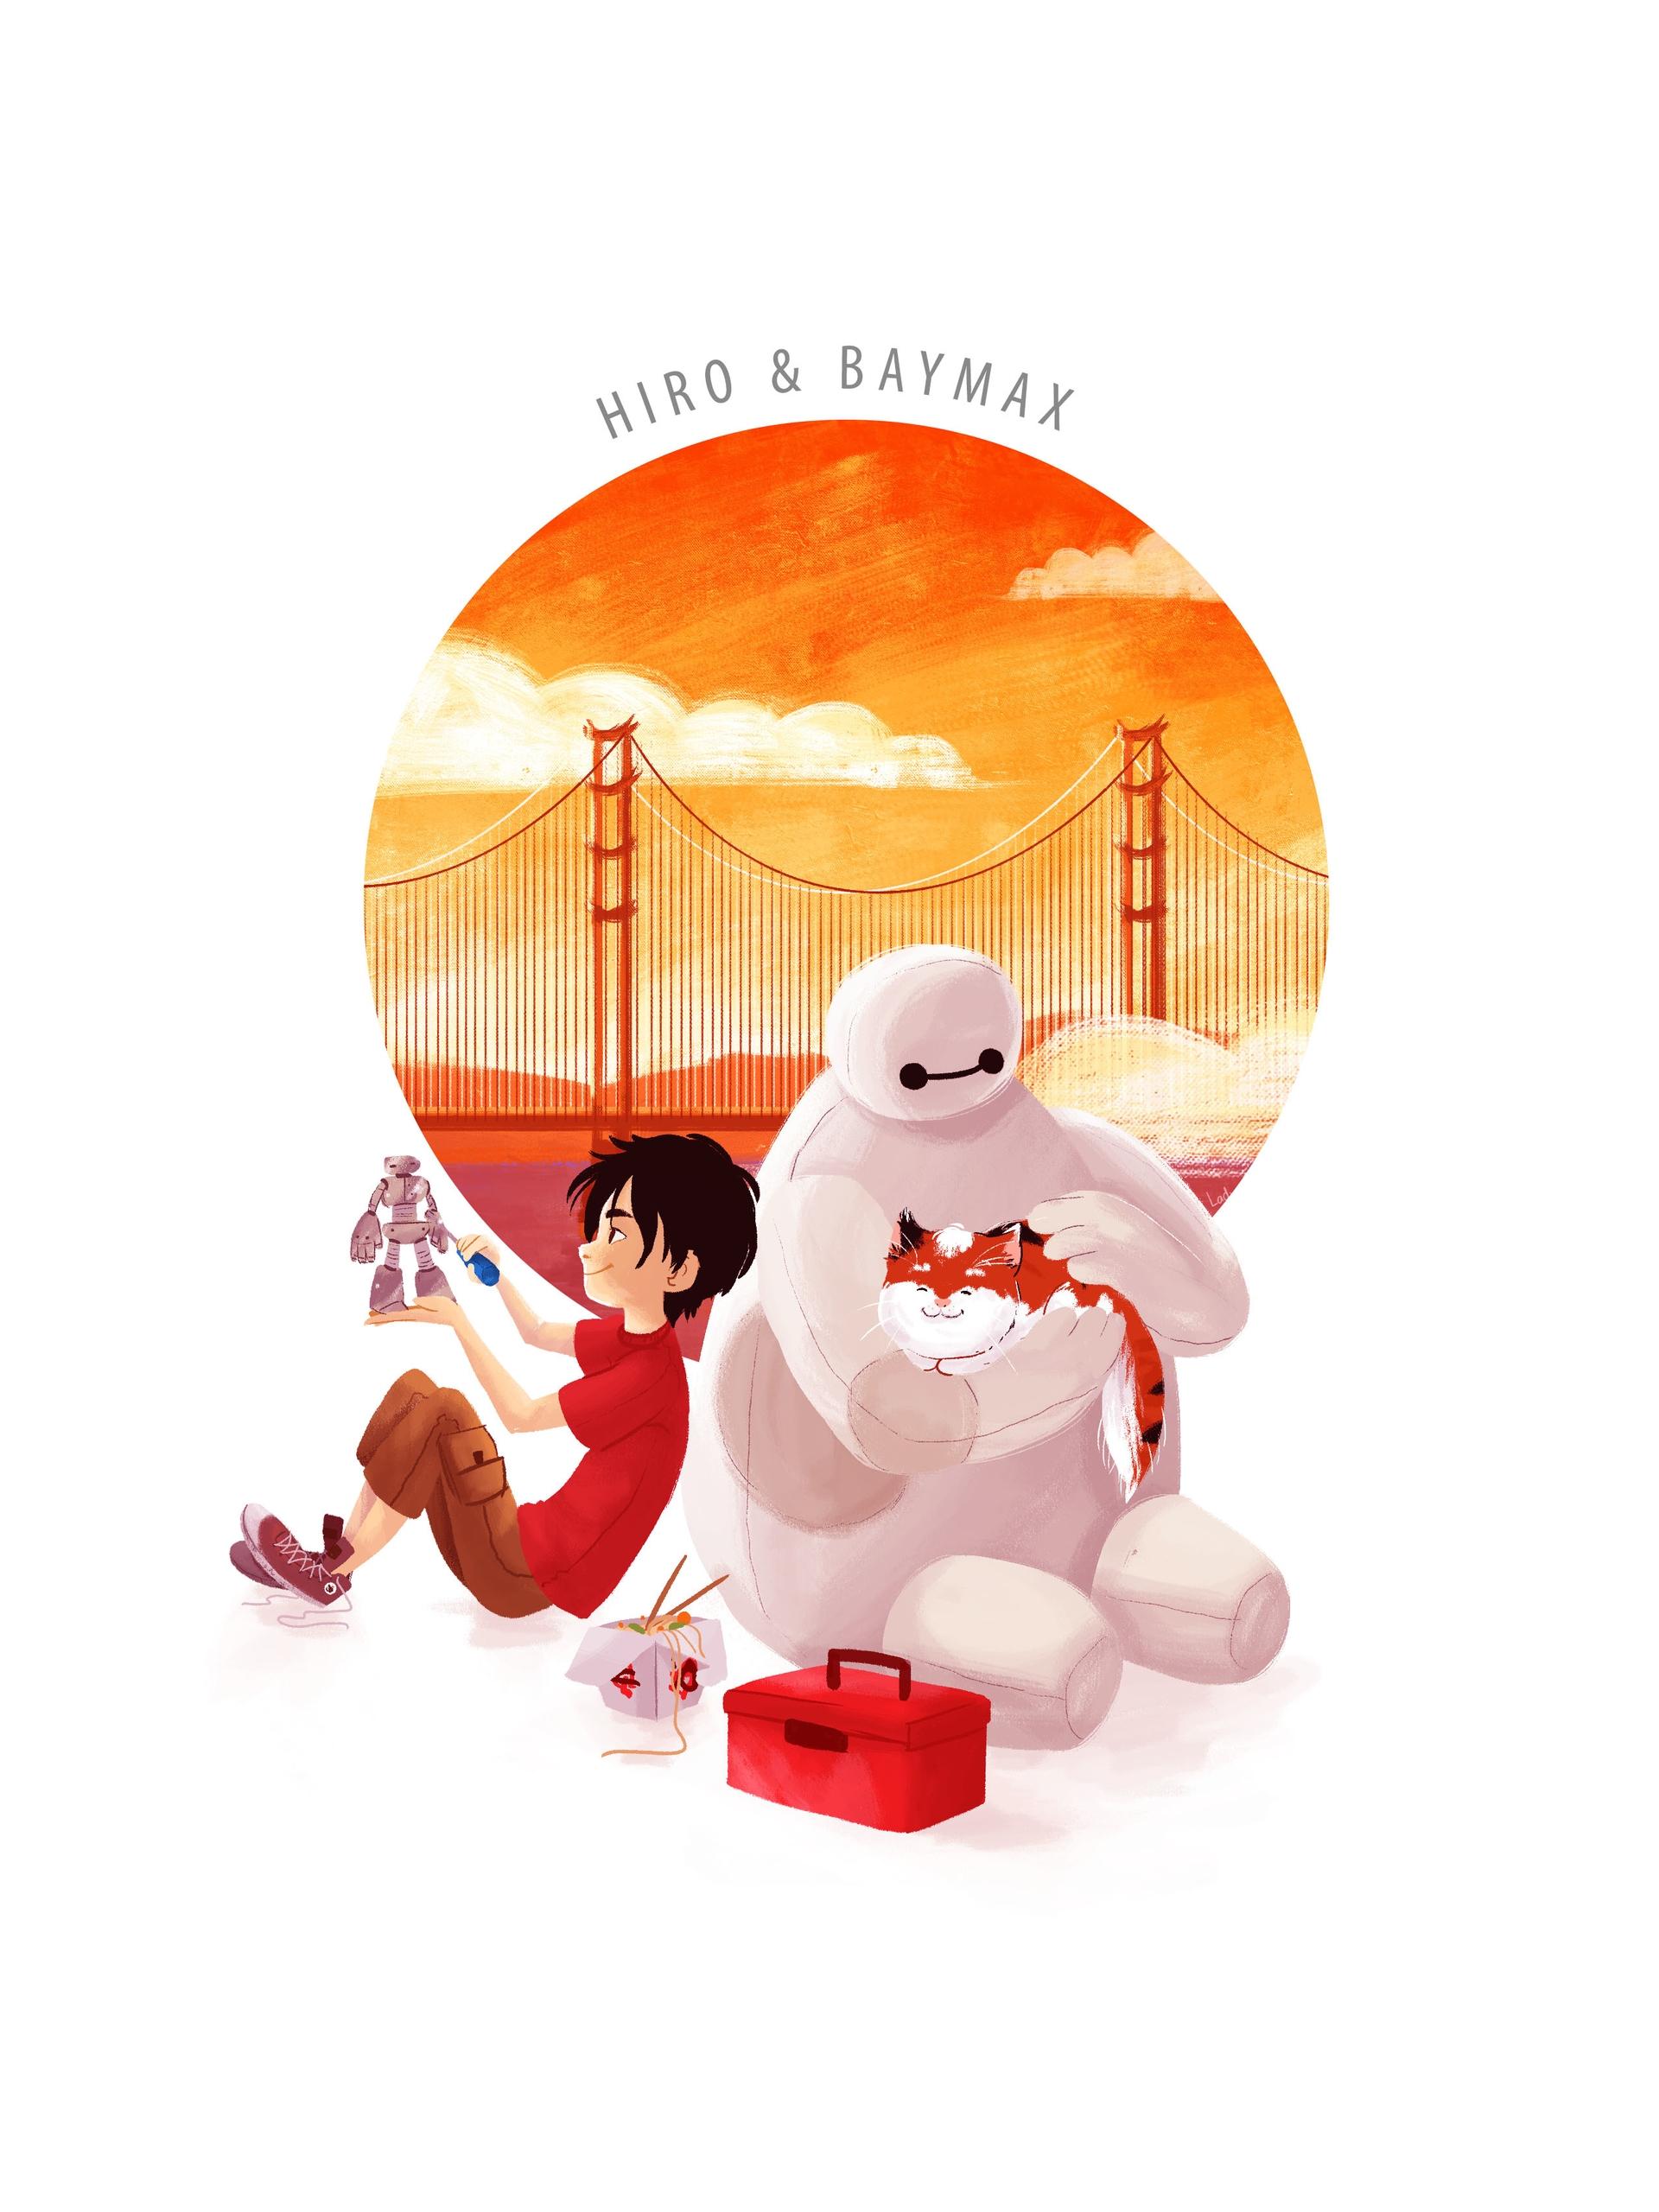 Hiro Baymax - illustration, bighero6 - ladyalouette | ello